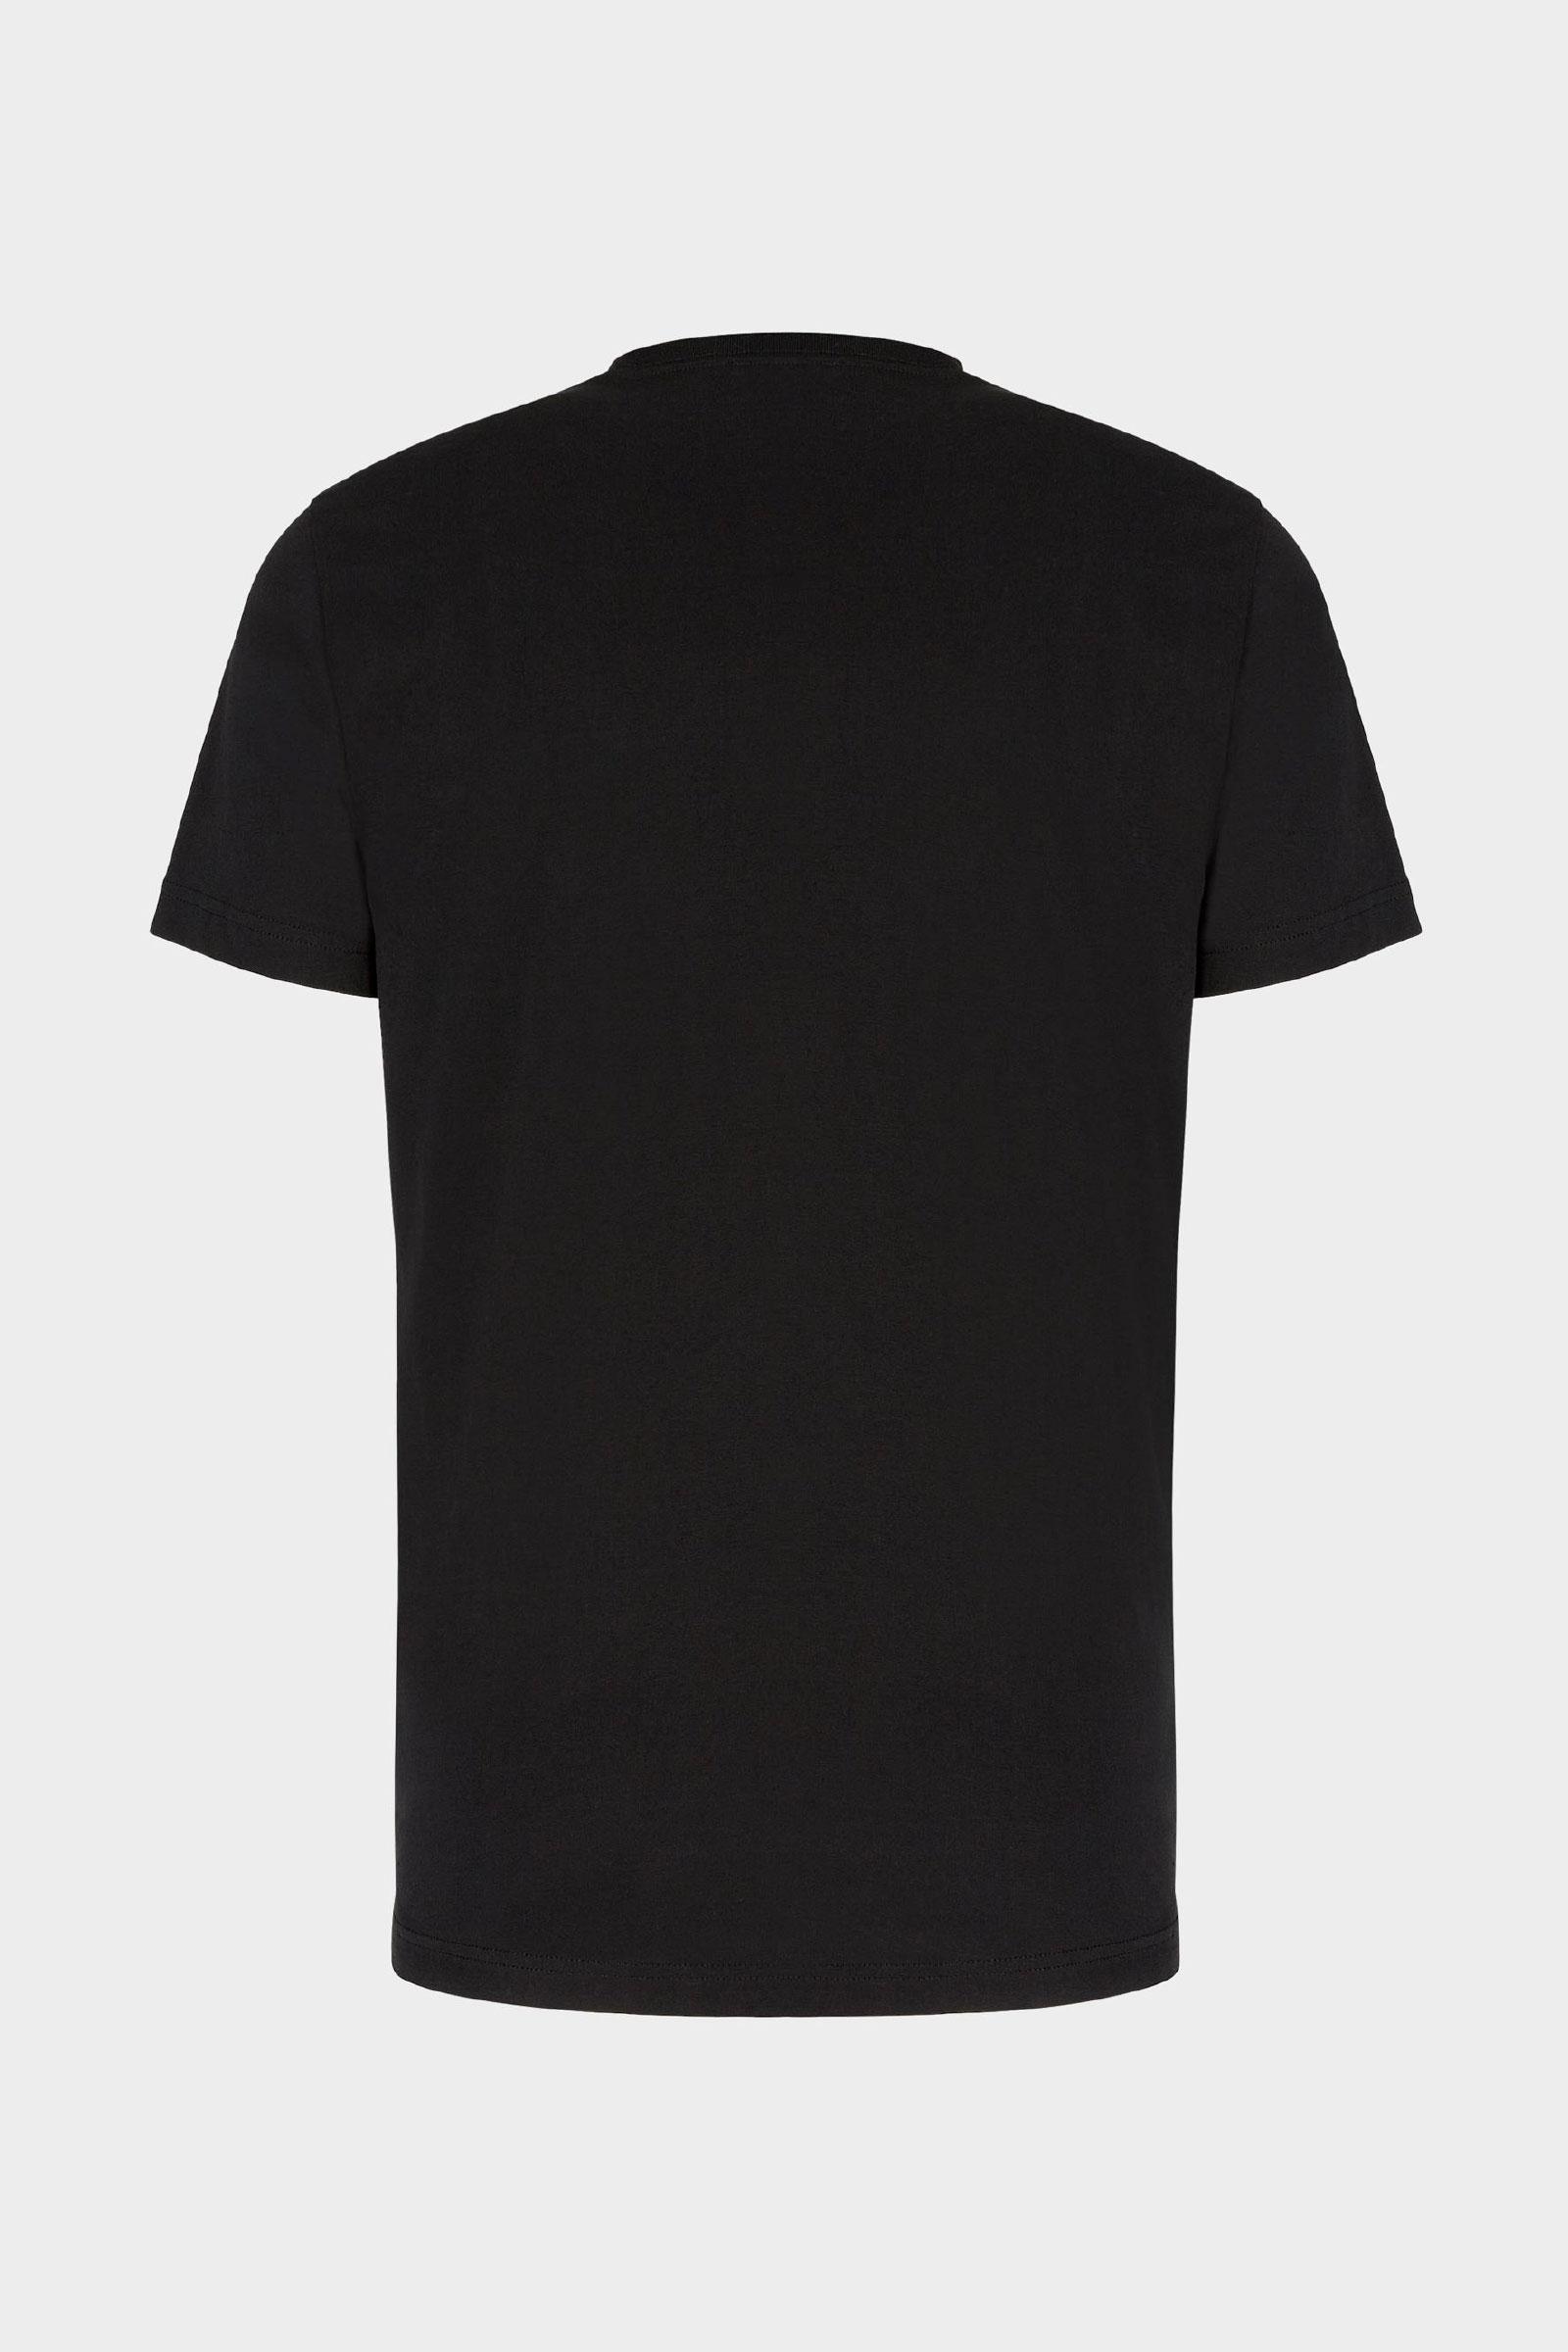 ARMANI EA7 Men's T-Shirt ARMANI EA7 | T-Shirt | 3KPT78 PJACZ1200